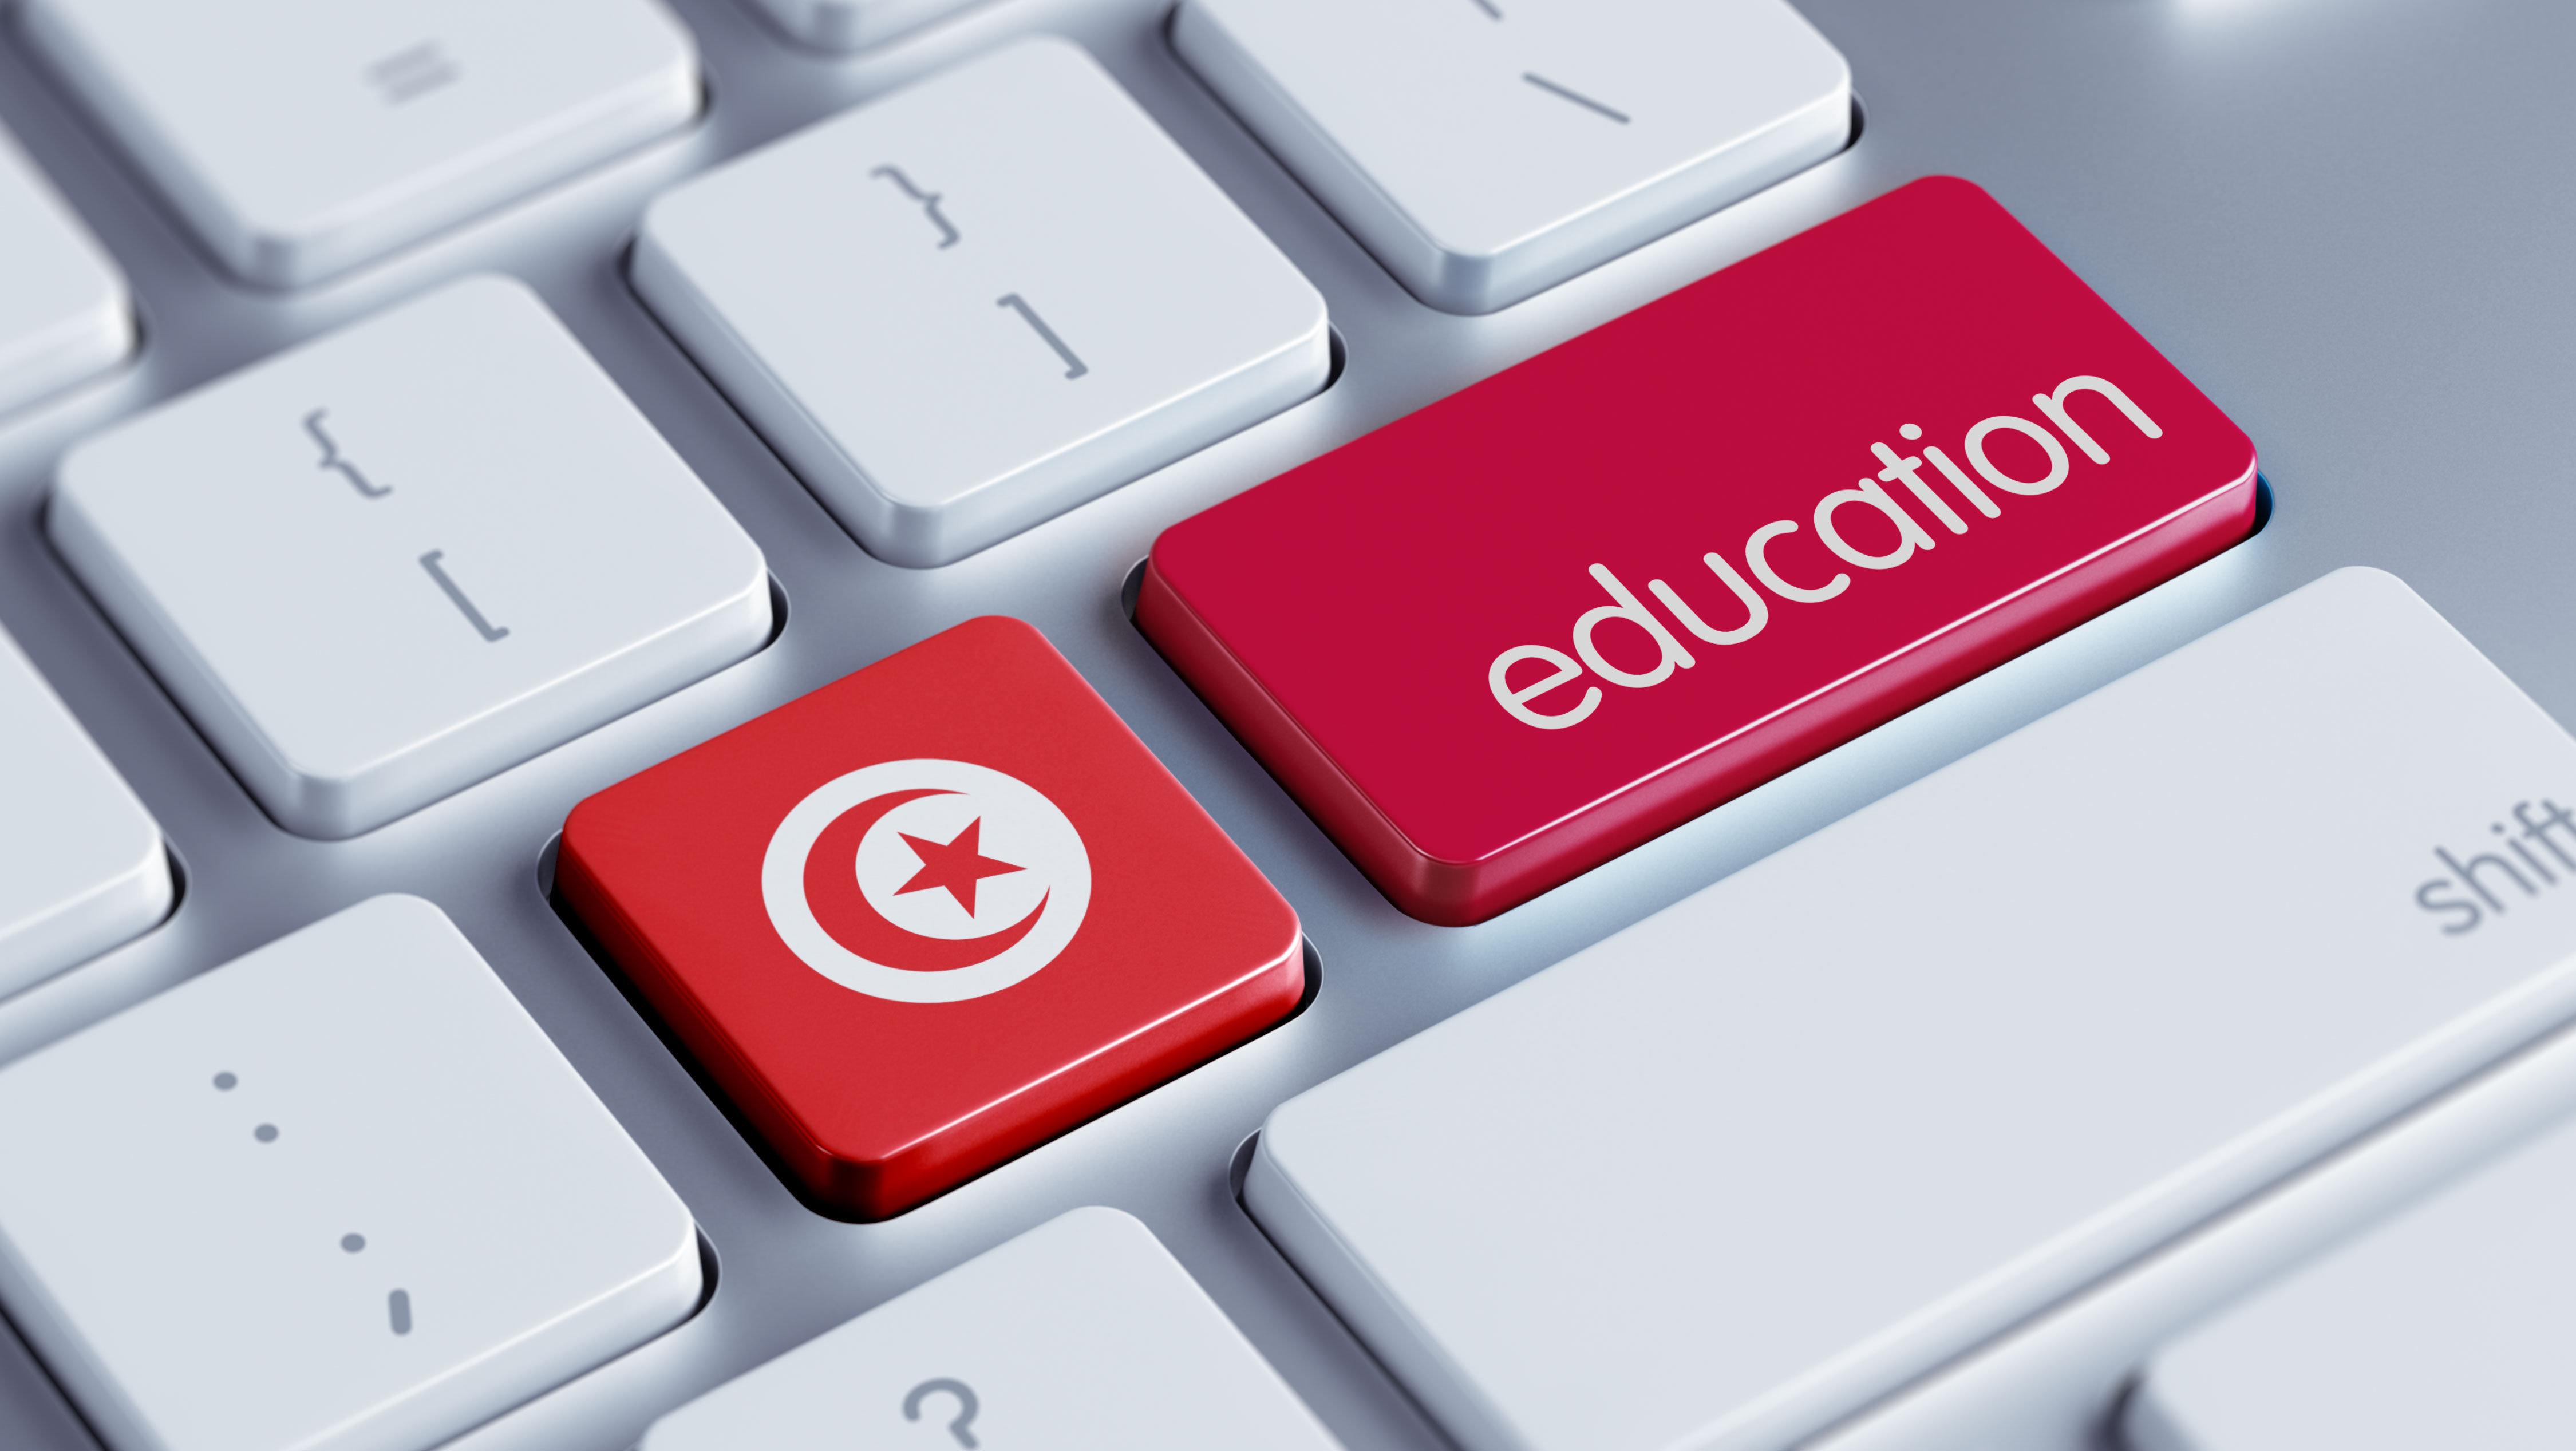 Pour ce chercheur de l'université de Columbia, les pays arabes devraient suivre l'exemple de l'éducation